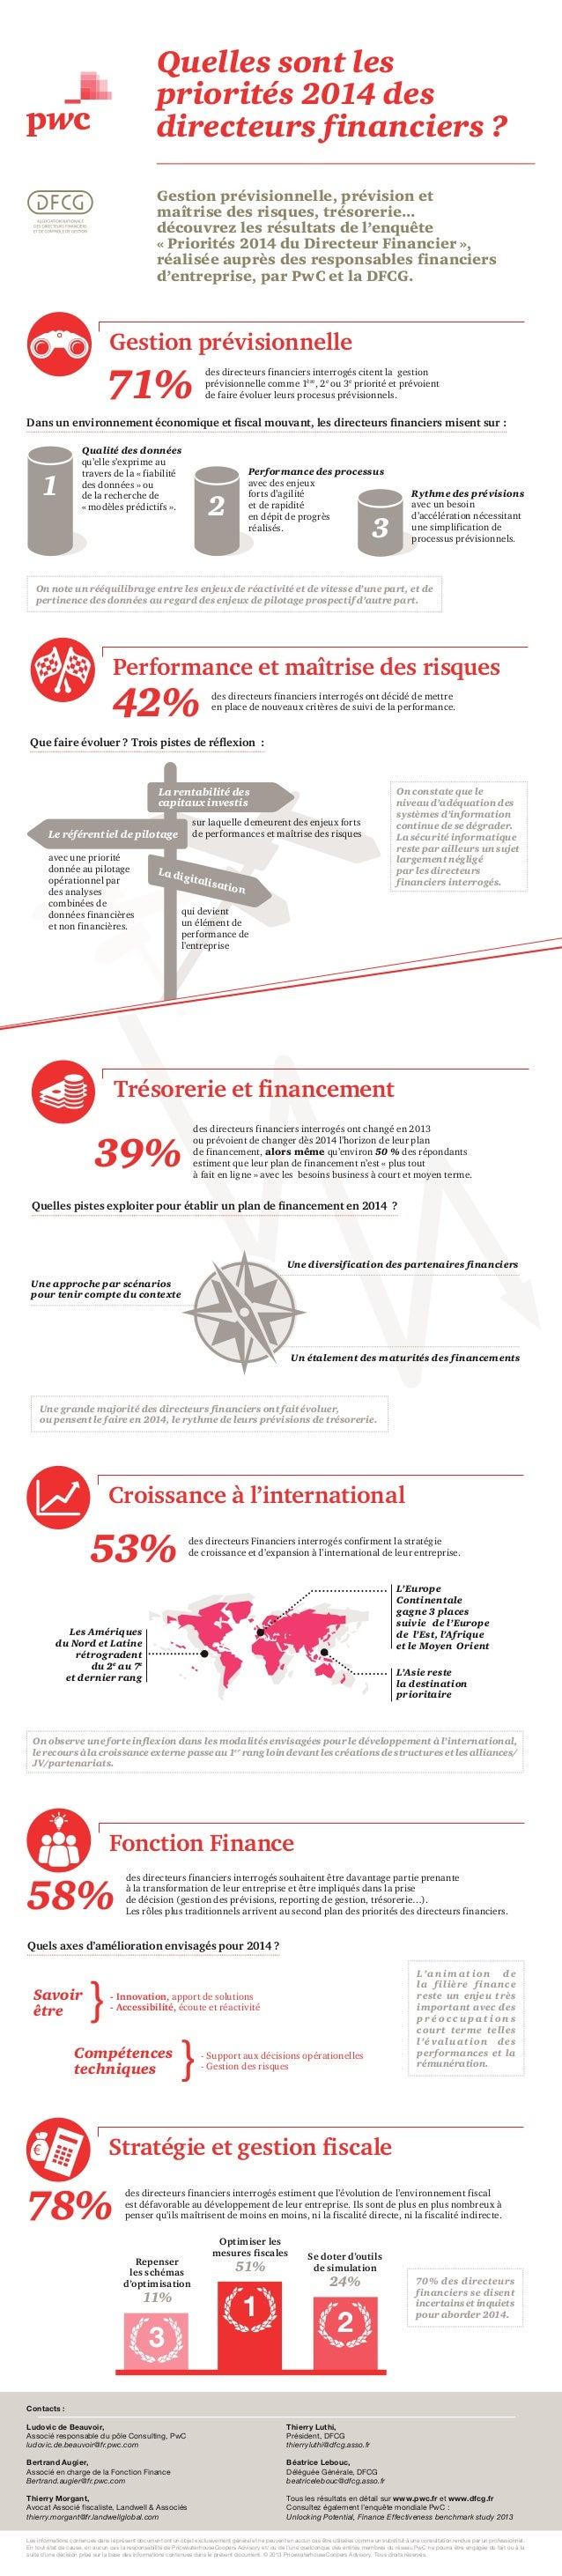 Quelles sont les priorités 2014des directeurs financiers ? Gestion prévisionnelle, prévision et maîtrise des risques, tré...